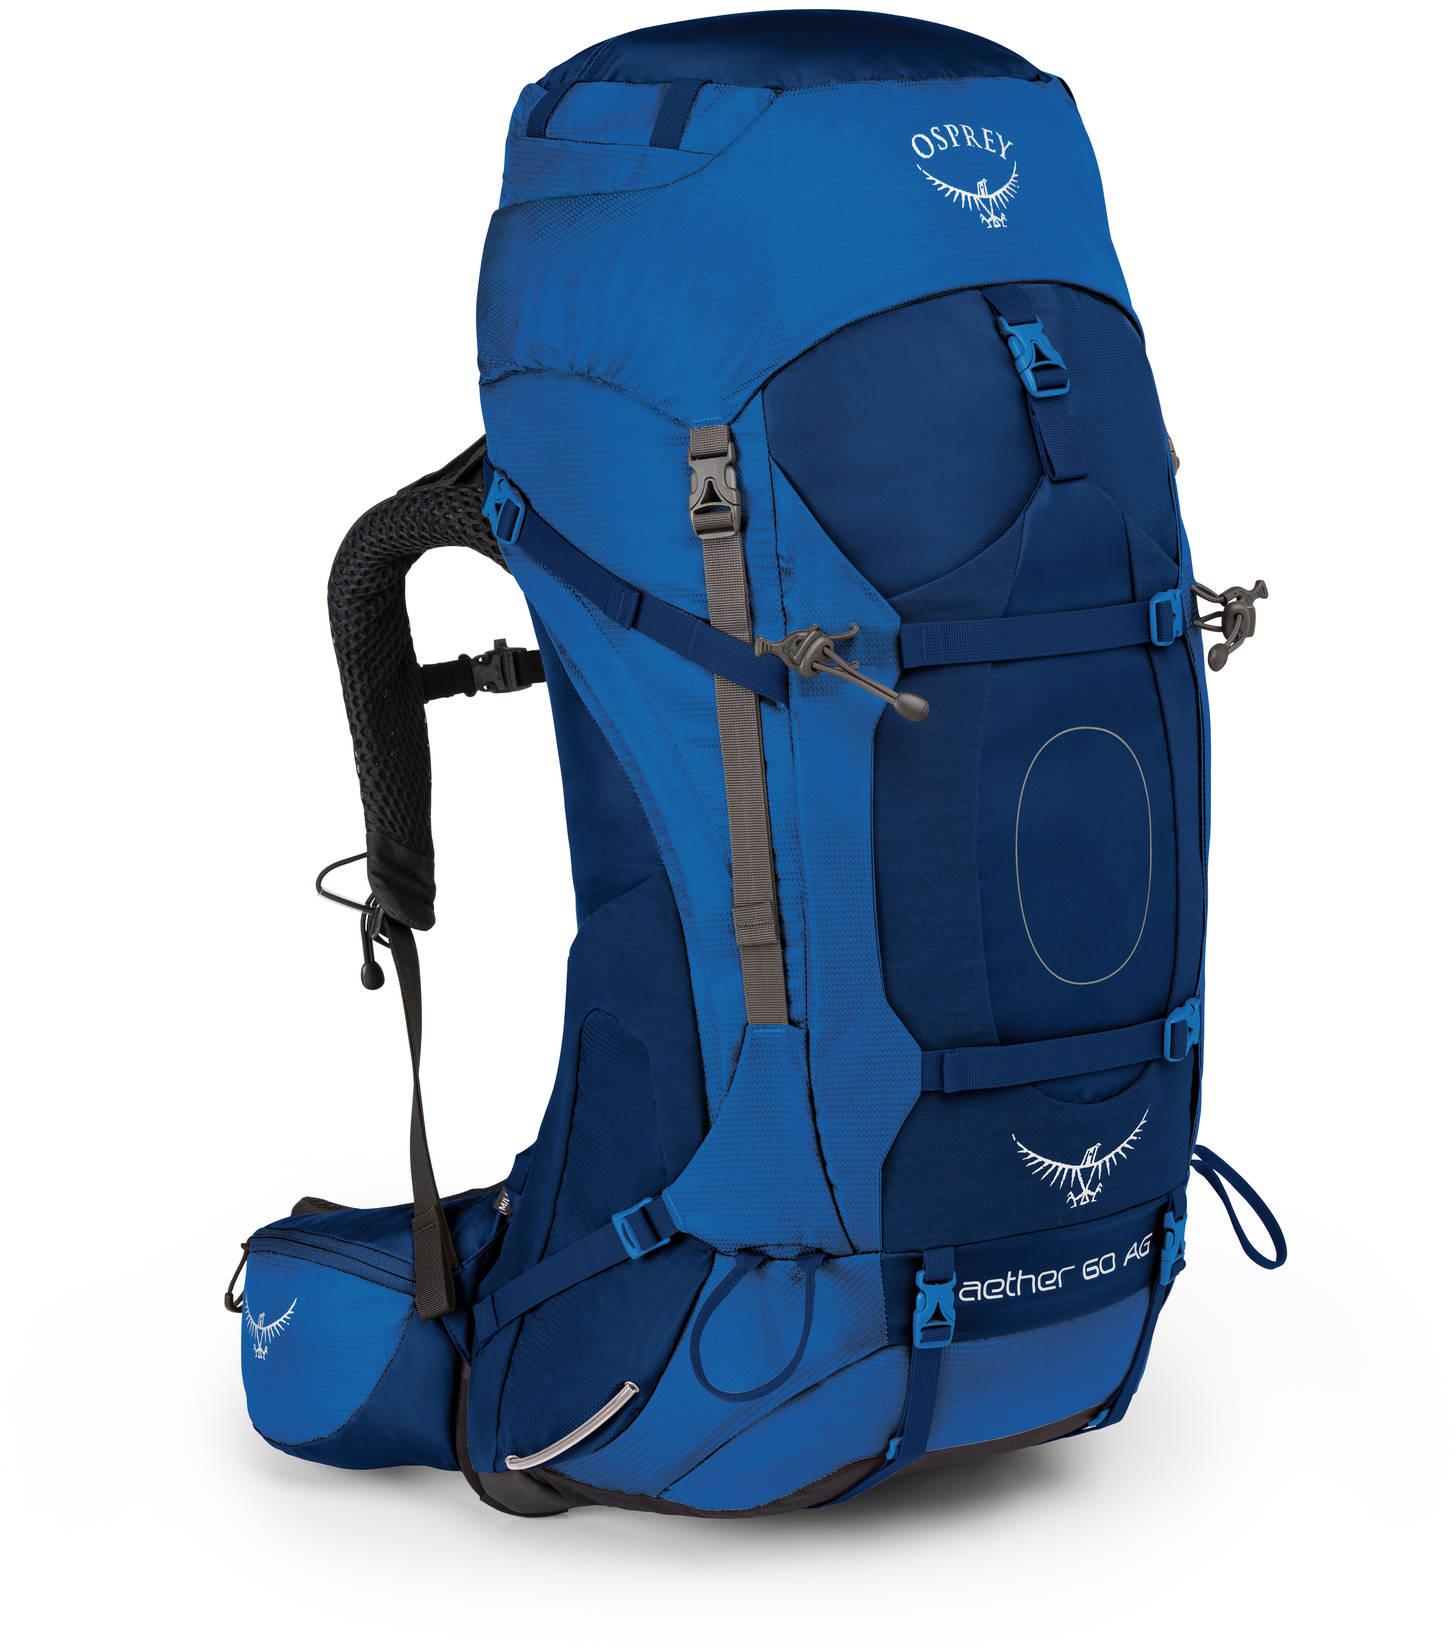 Туристические рюкзаки Рюкзак туристический Osprey Aether AG 60 Aether_AG_60_S17_Side_Neptune_Blue_web.jpg